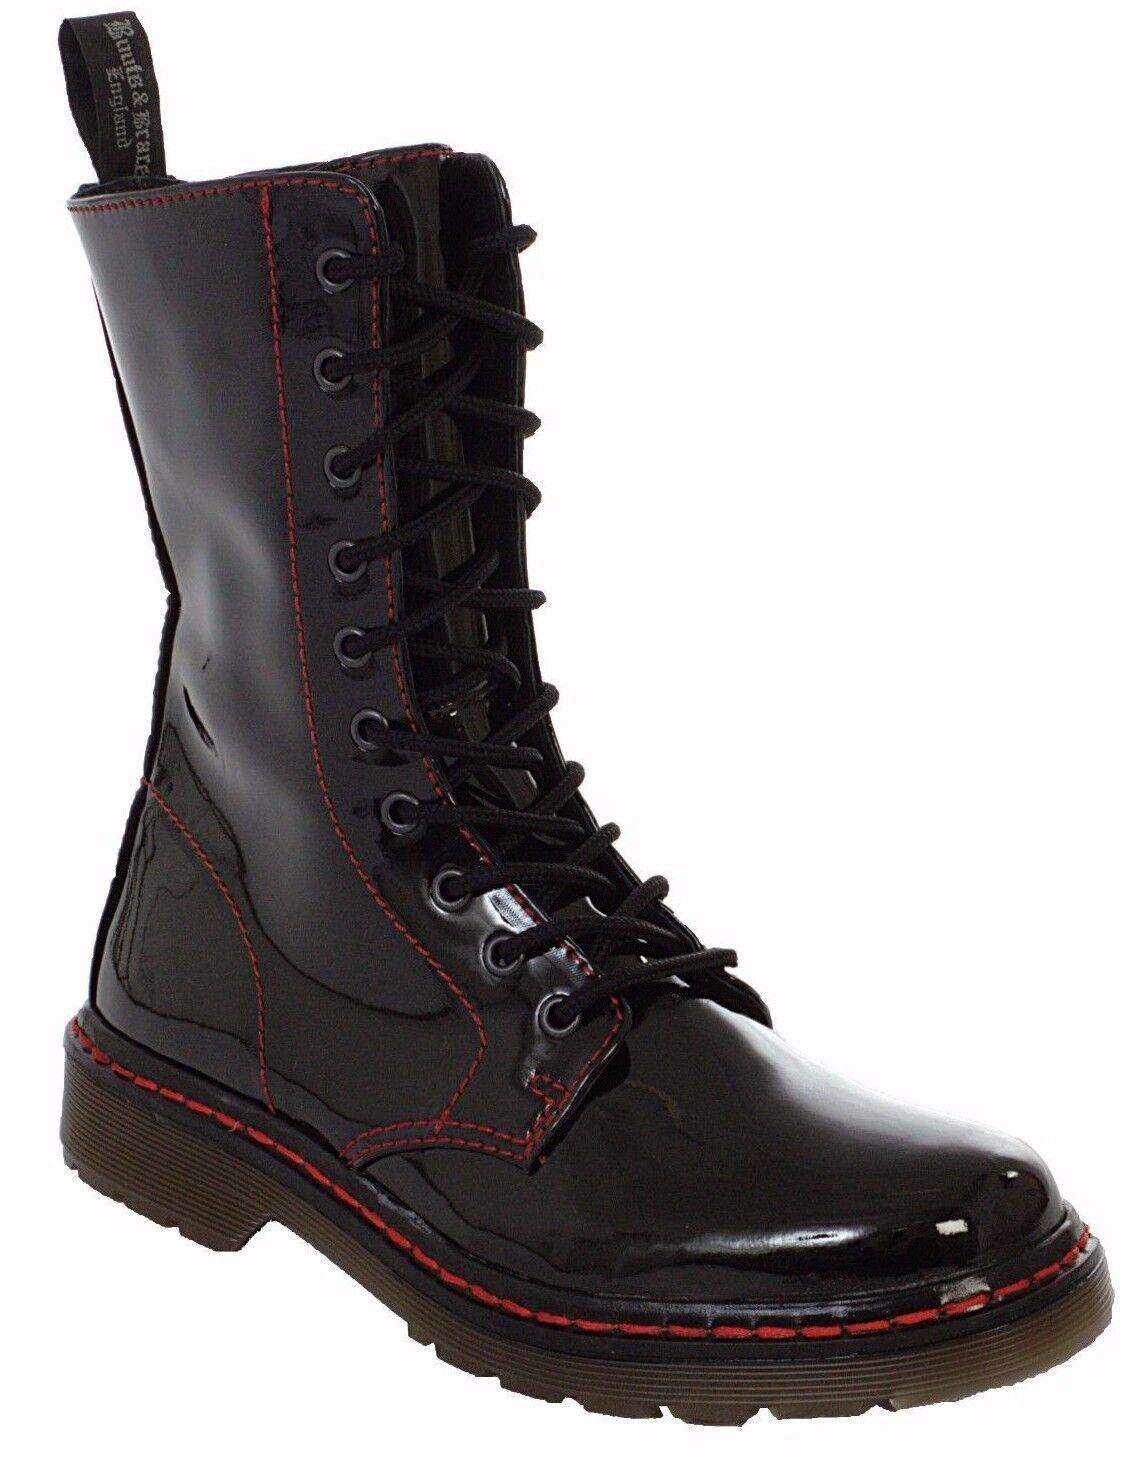 Botas & Tirantes patente de cuero señoras de Negro Rojo Puntada Botas de Combate Punk de 10 orificios